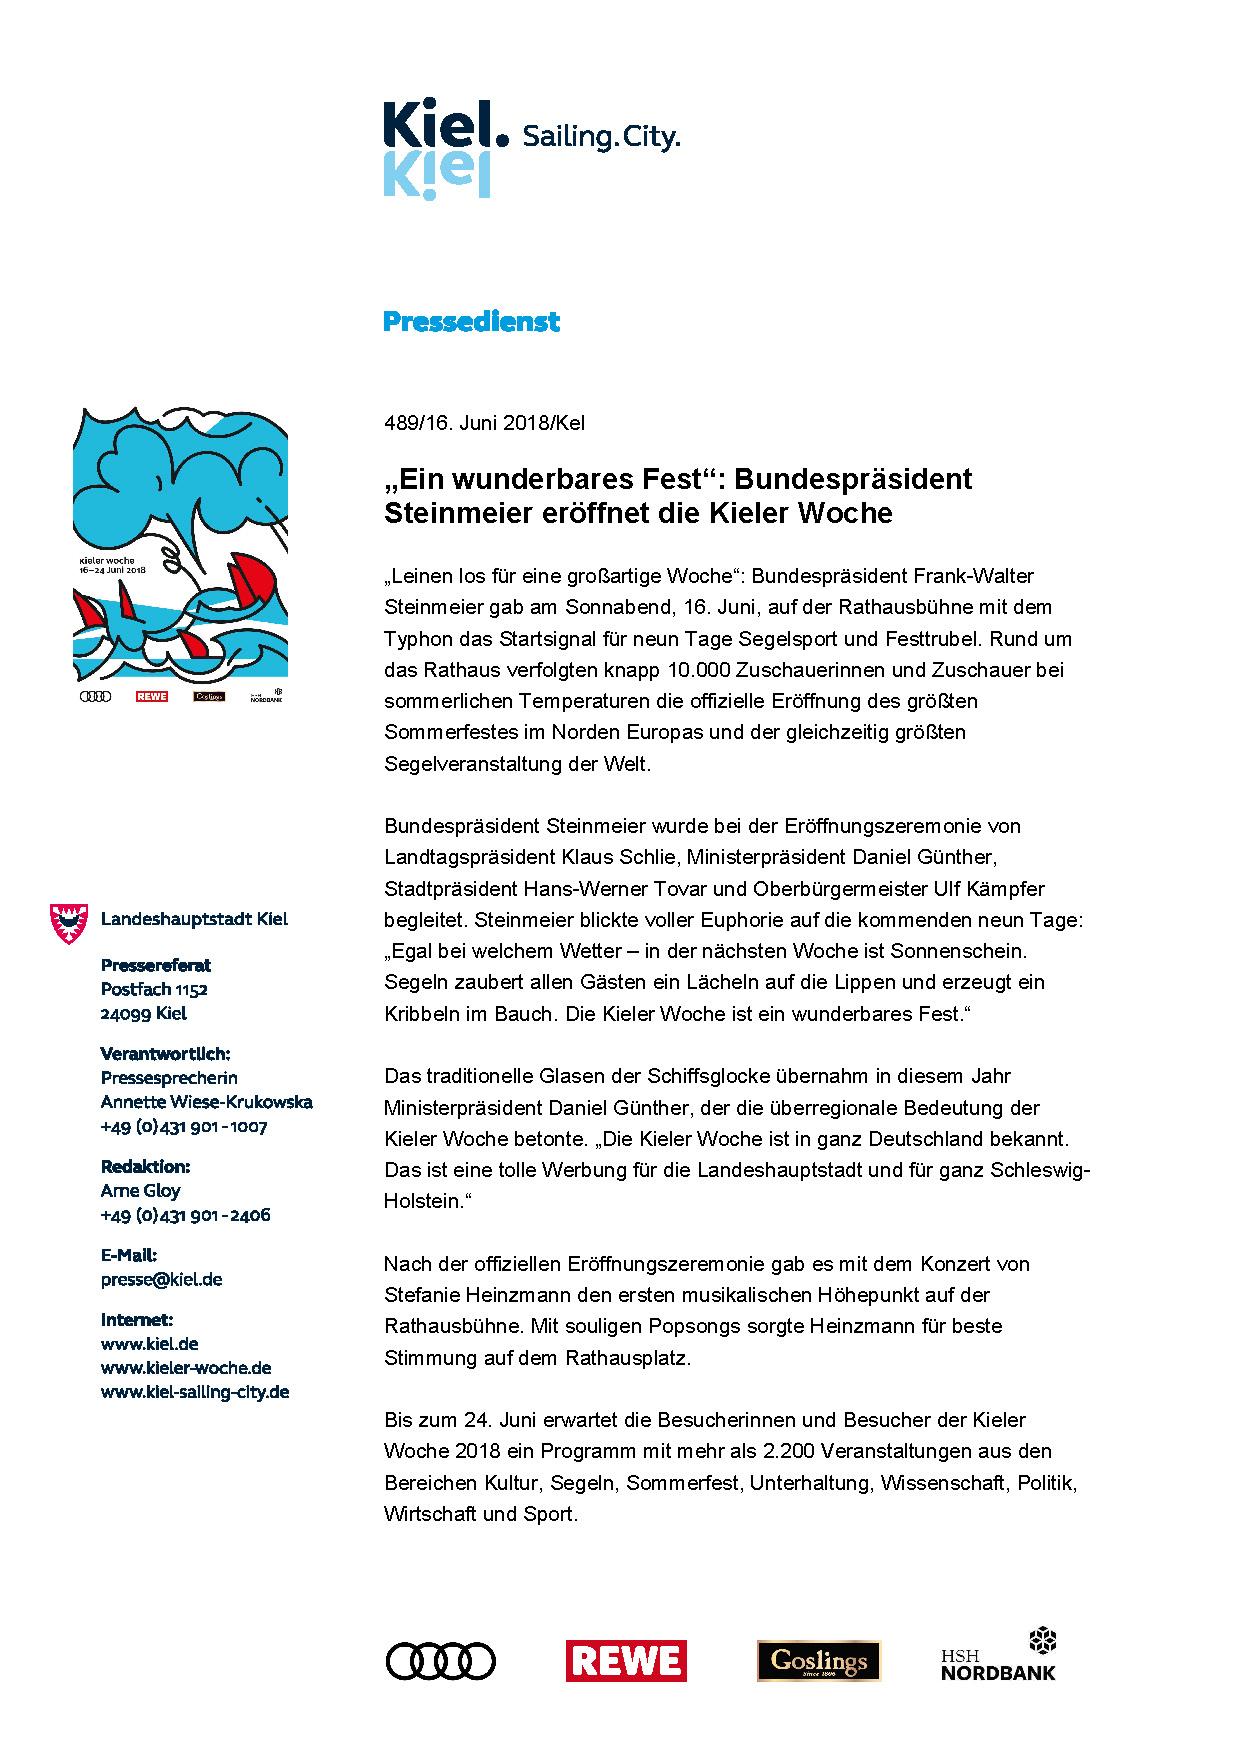 Die Kieler Woche 2018 ist gestartet